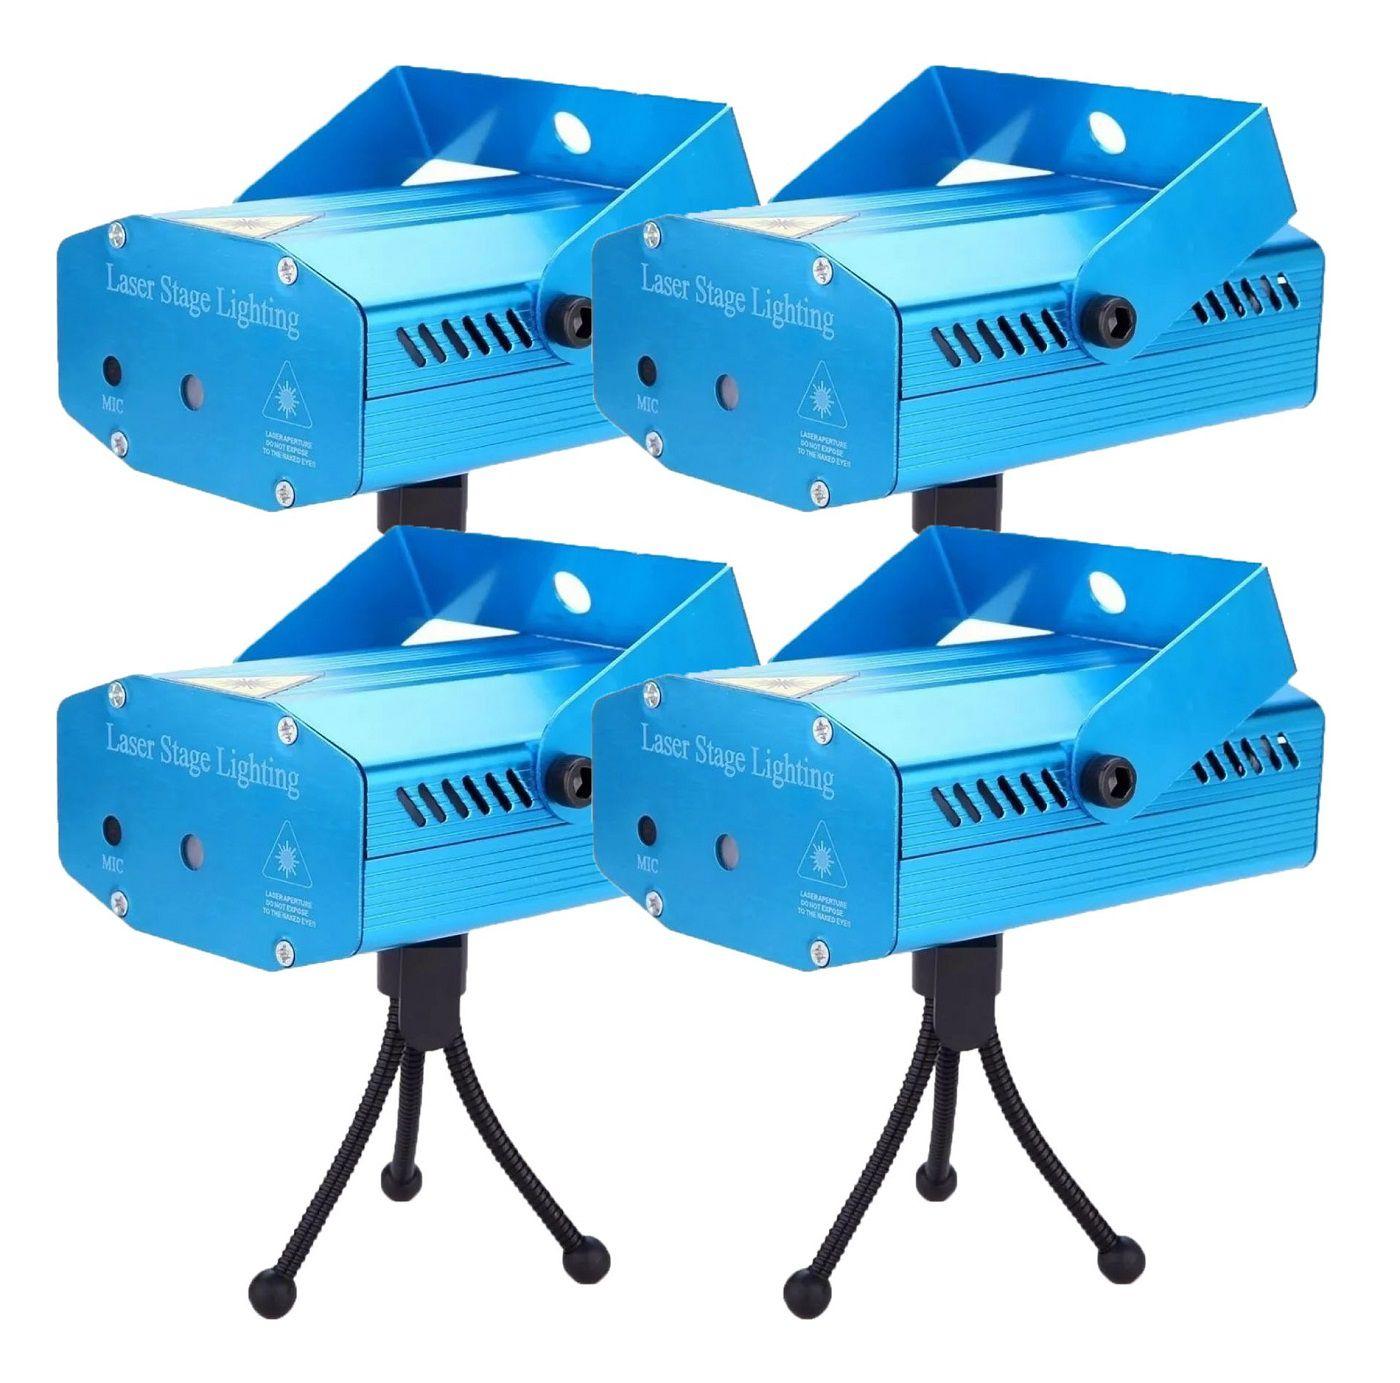 Kit 4 Mini Laser Projetor Holográfico Stage Lighting - SD-09